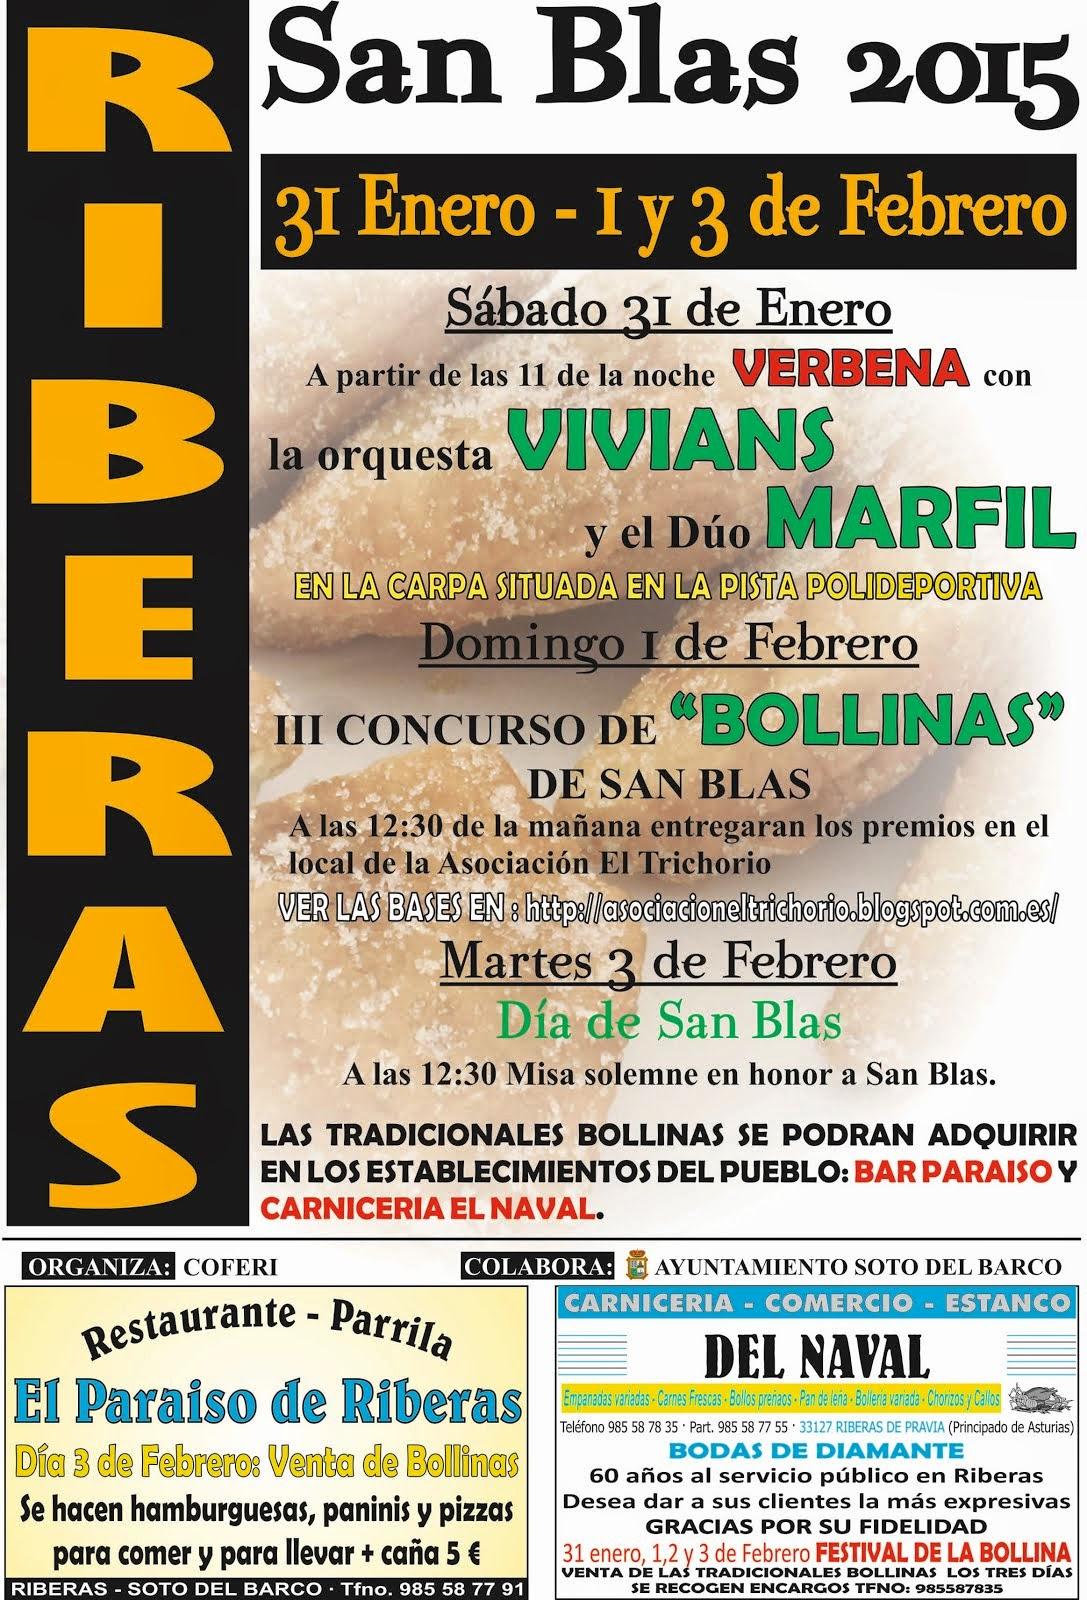 Fiestas de San Blas 2015